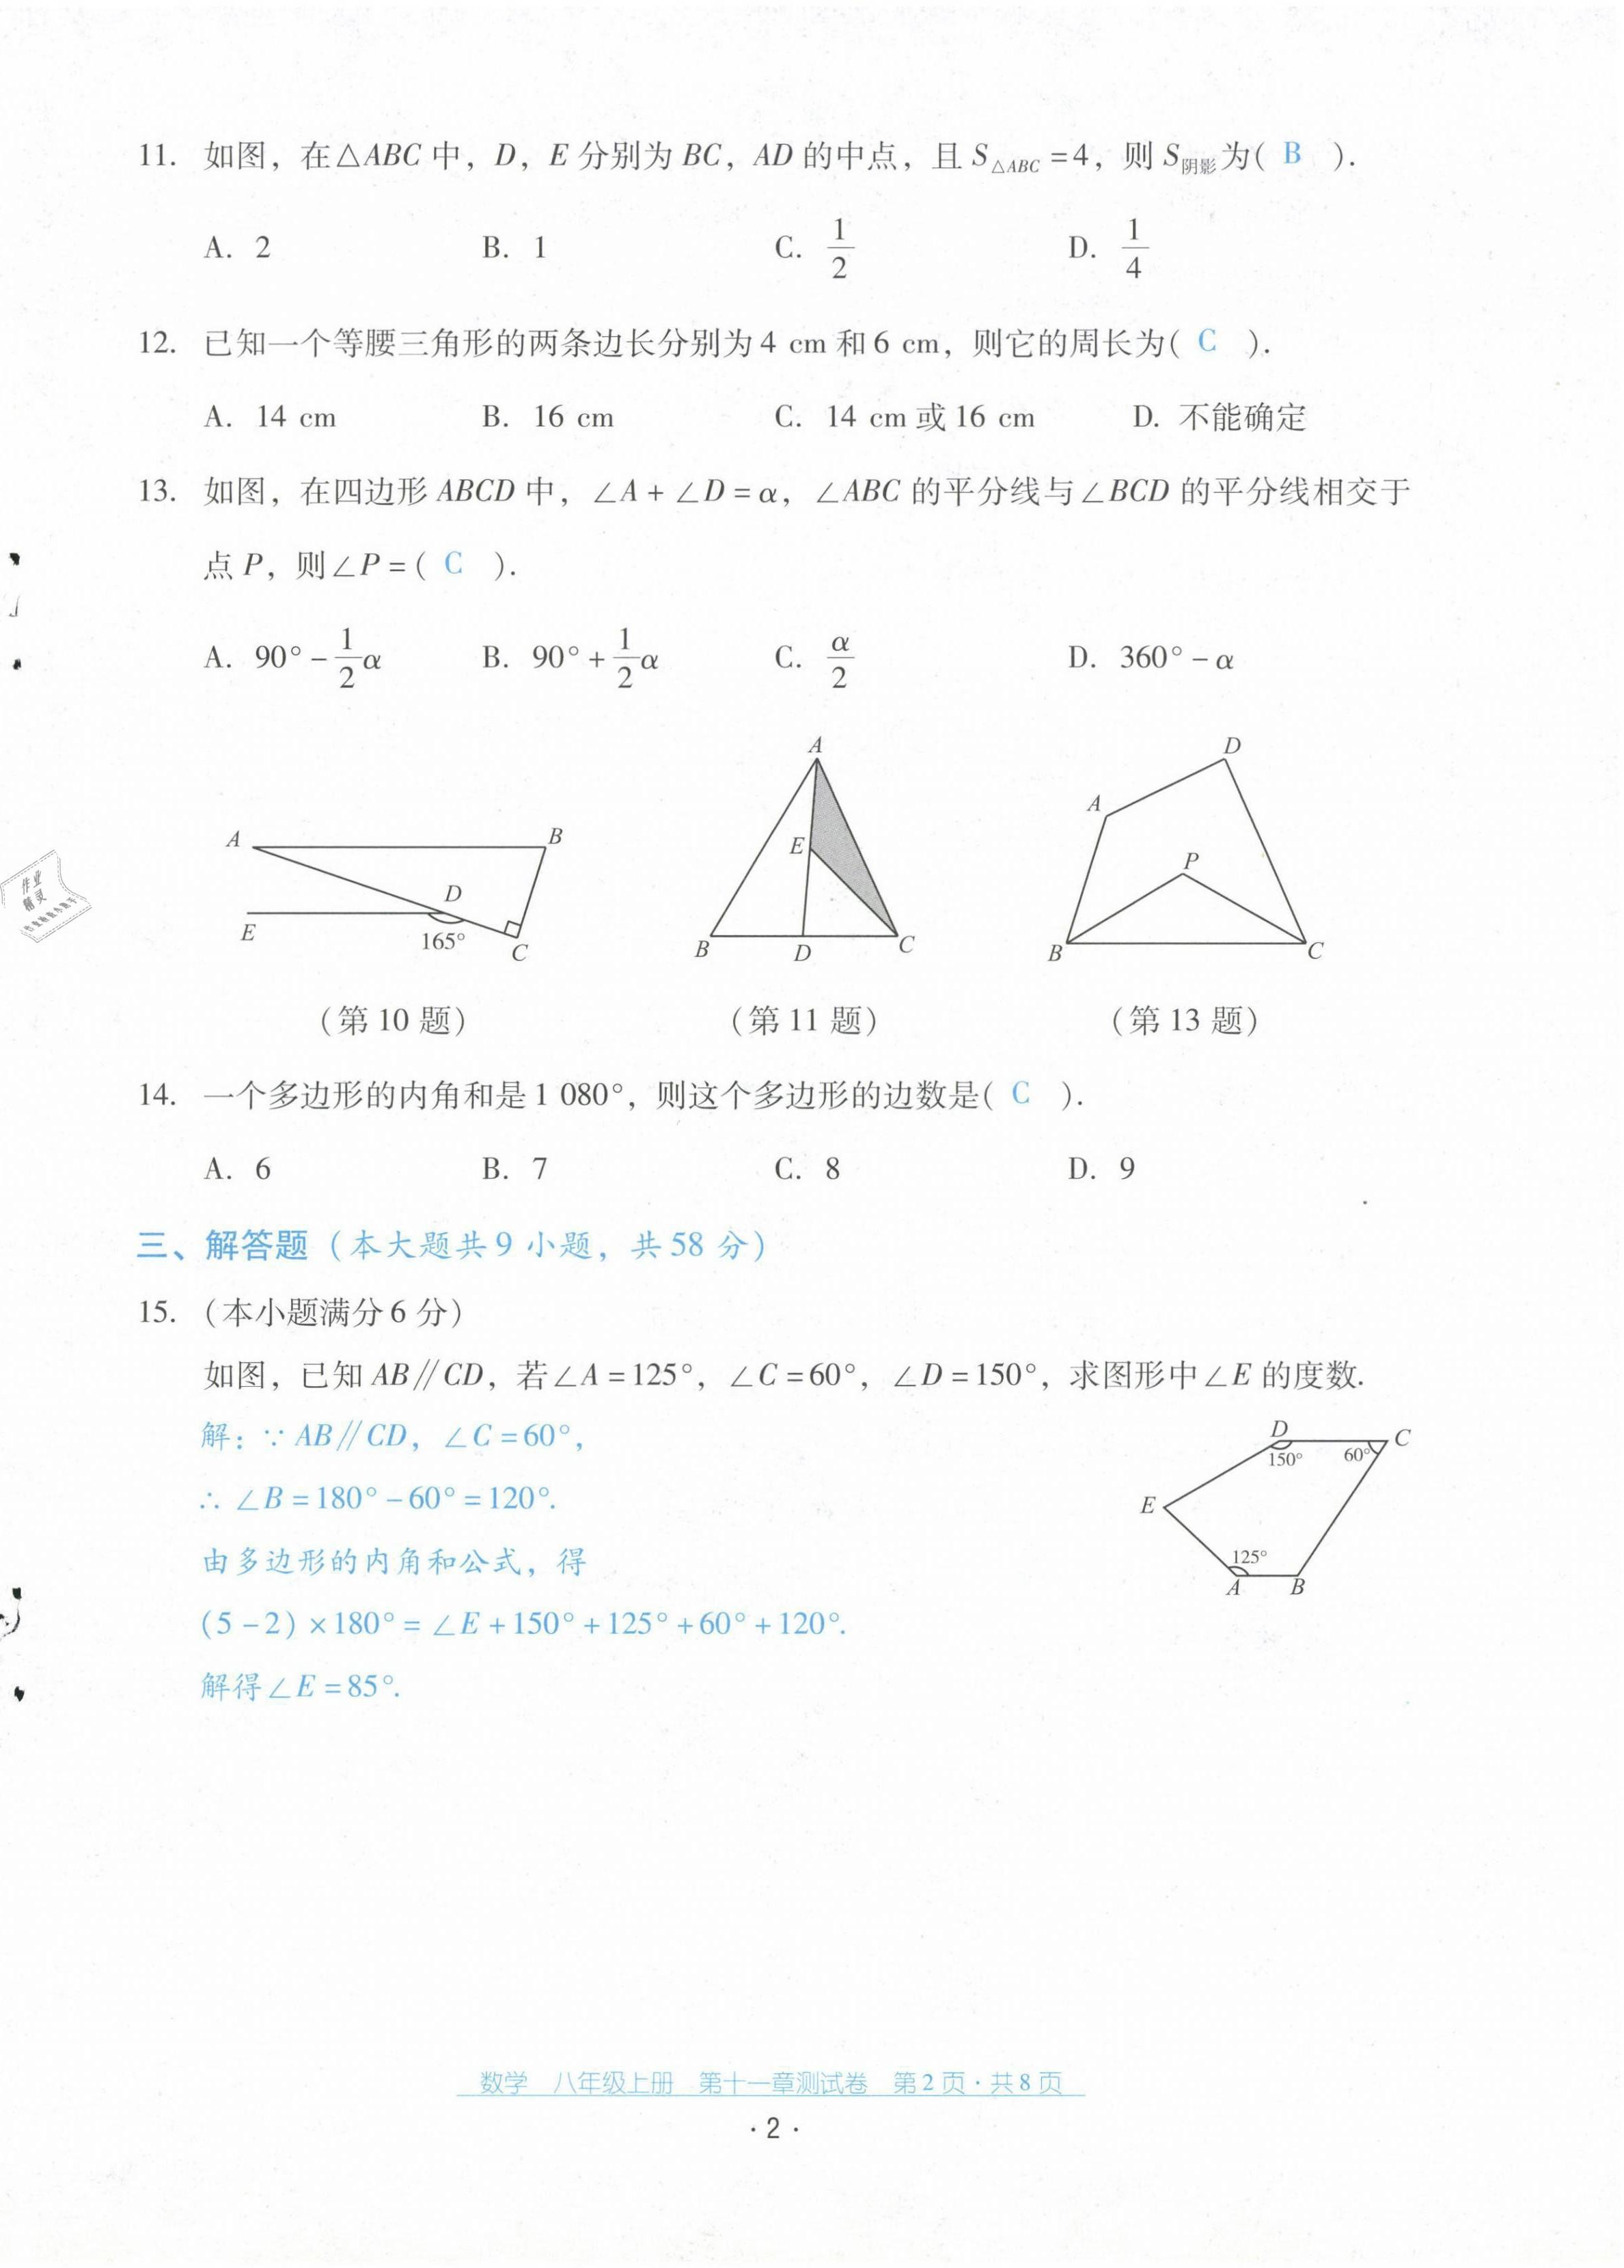 2021年云南省标准教辅优佳学案配套测试卷八年级数学上册人教版第2页